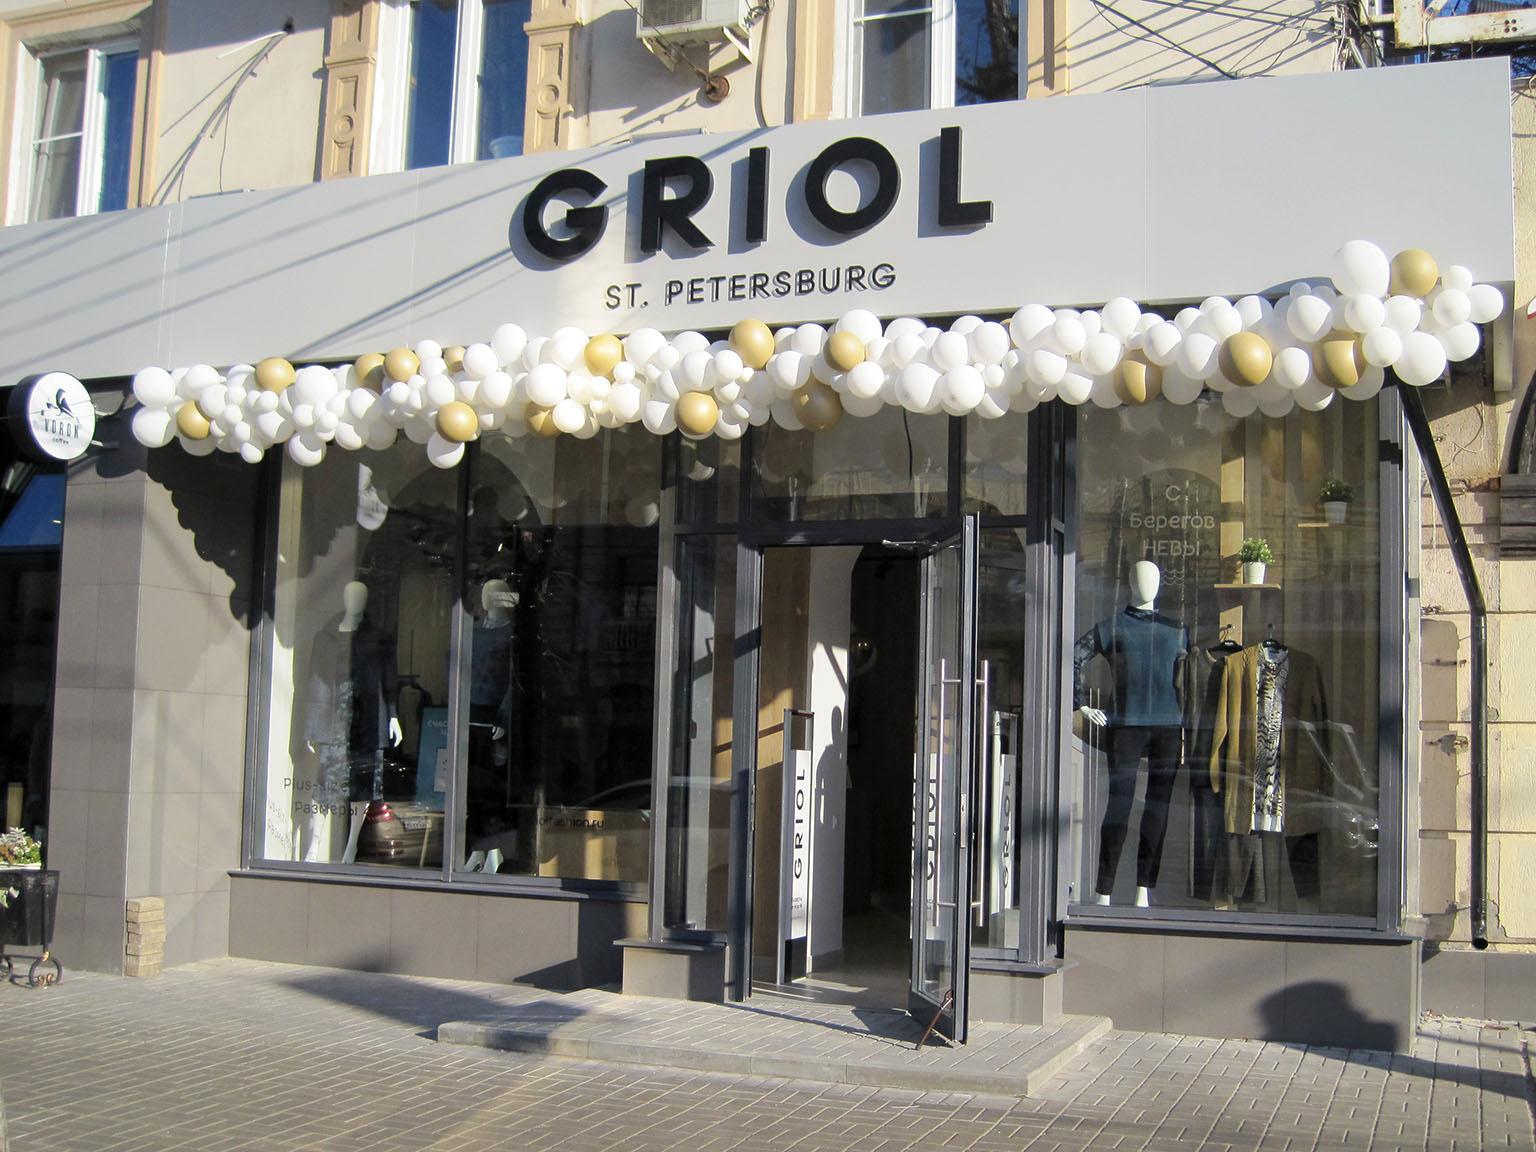 Магазин «GRIOL», входная вывеска